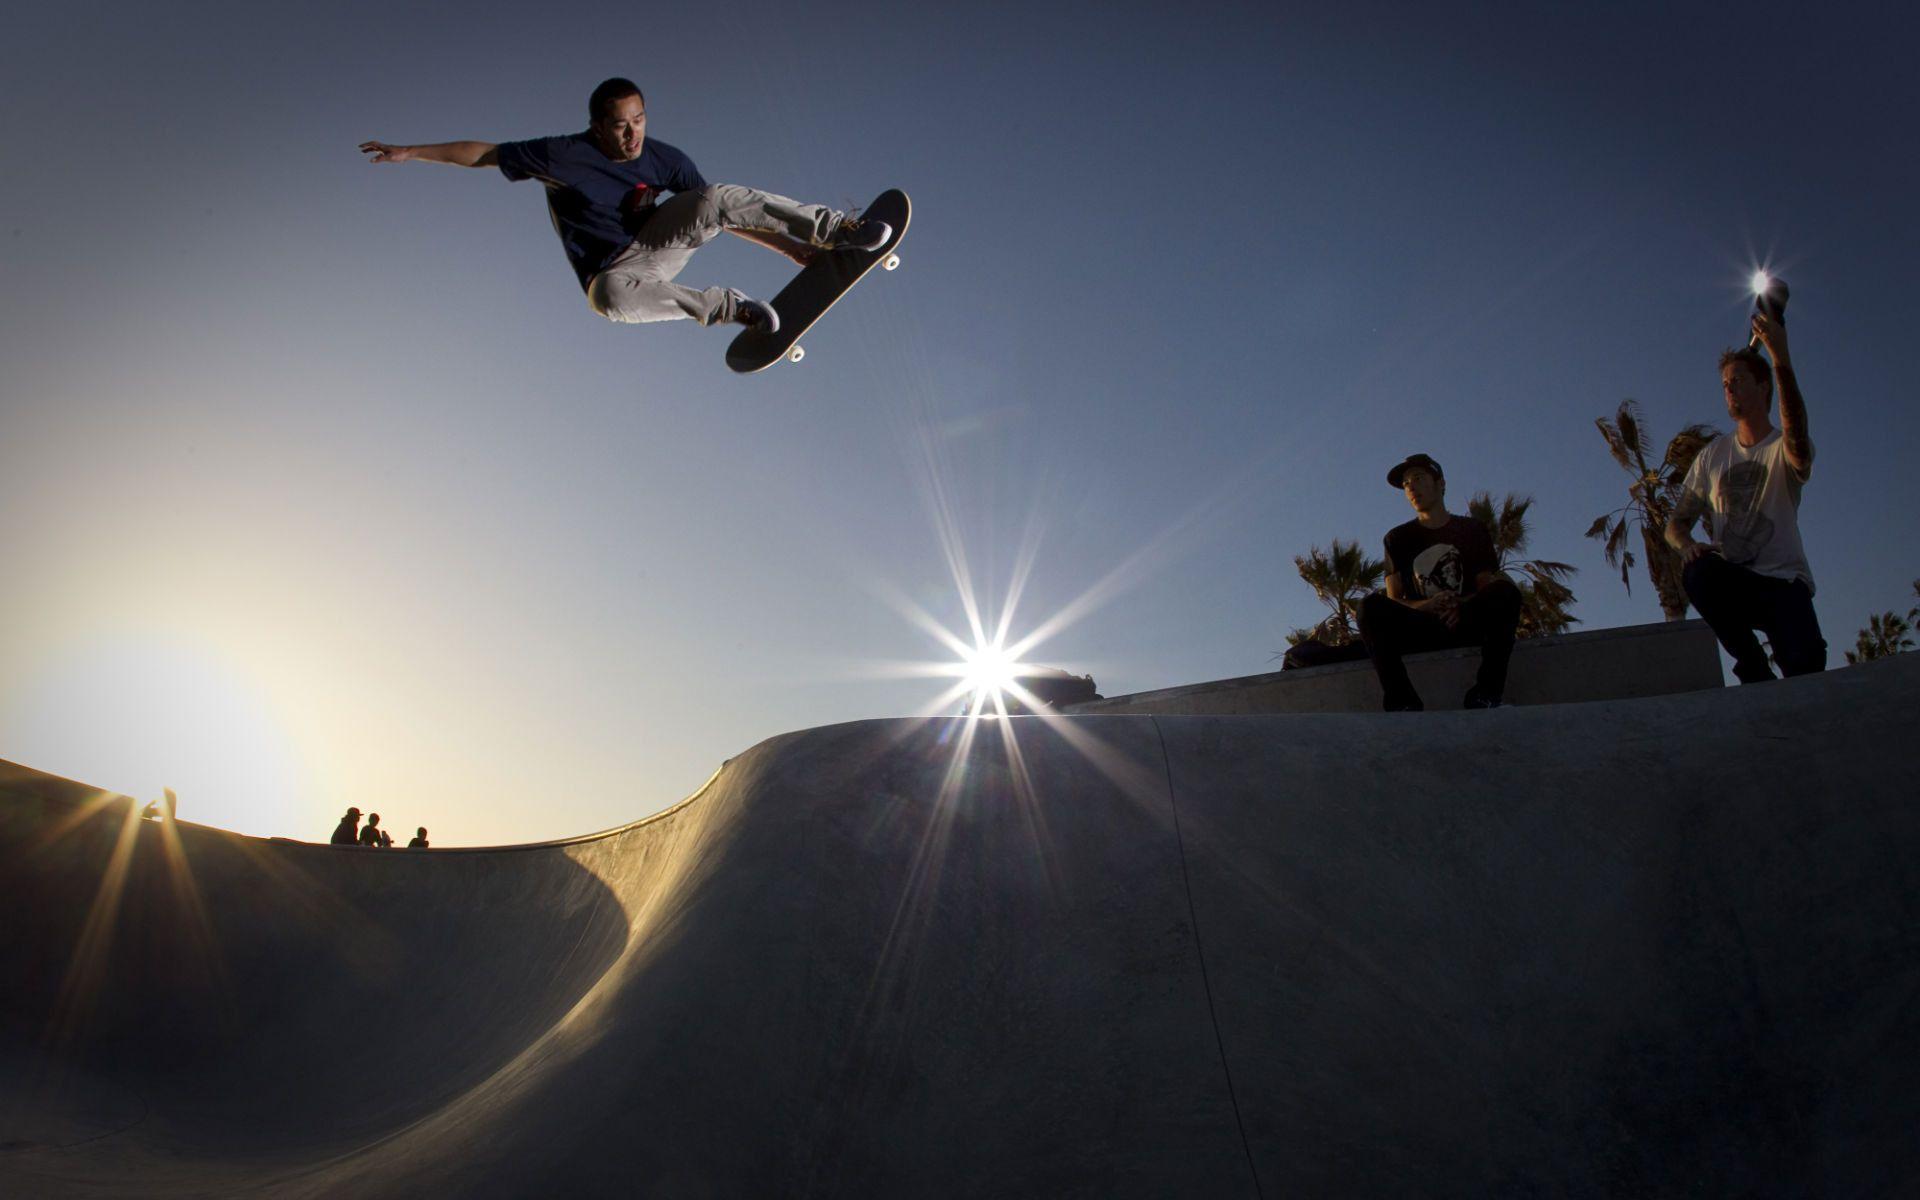 limitless free skateboard jump에 대한 이미지 검색결과